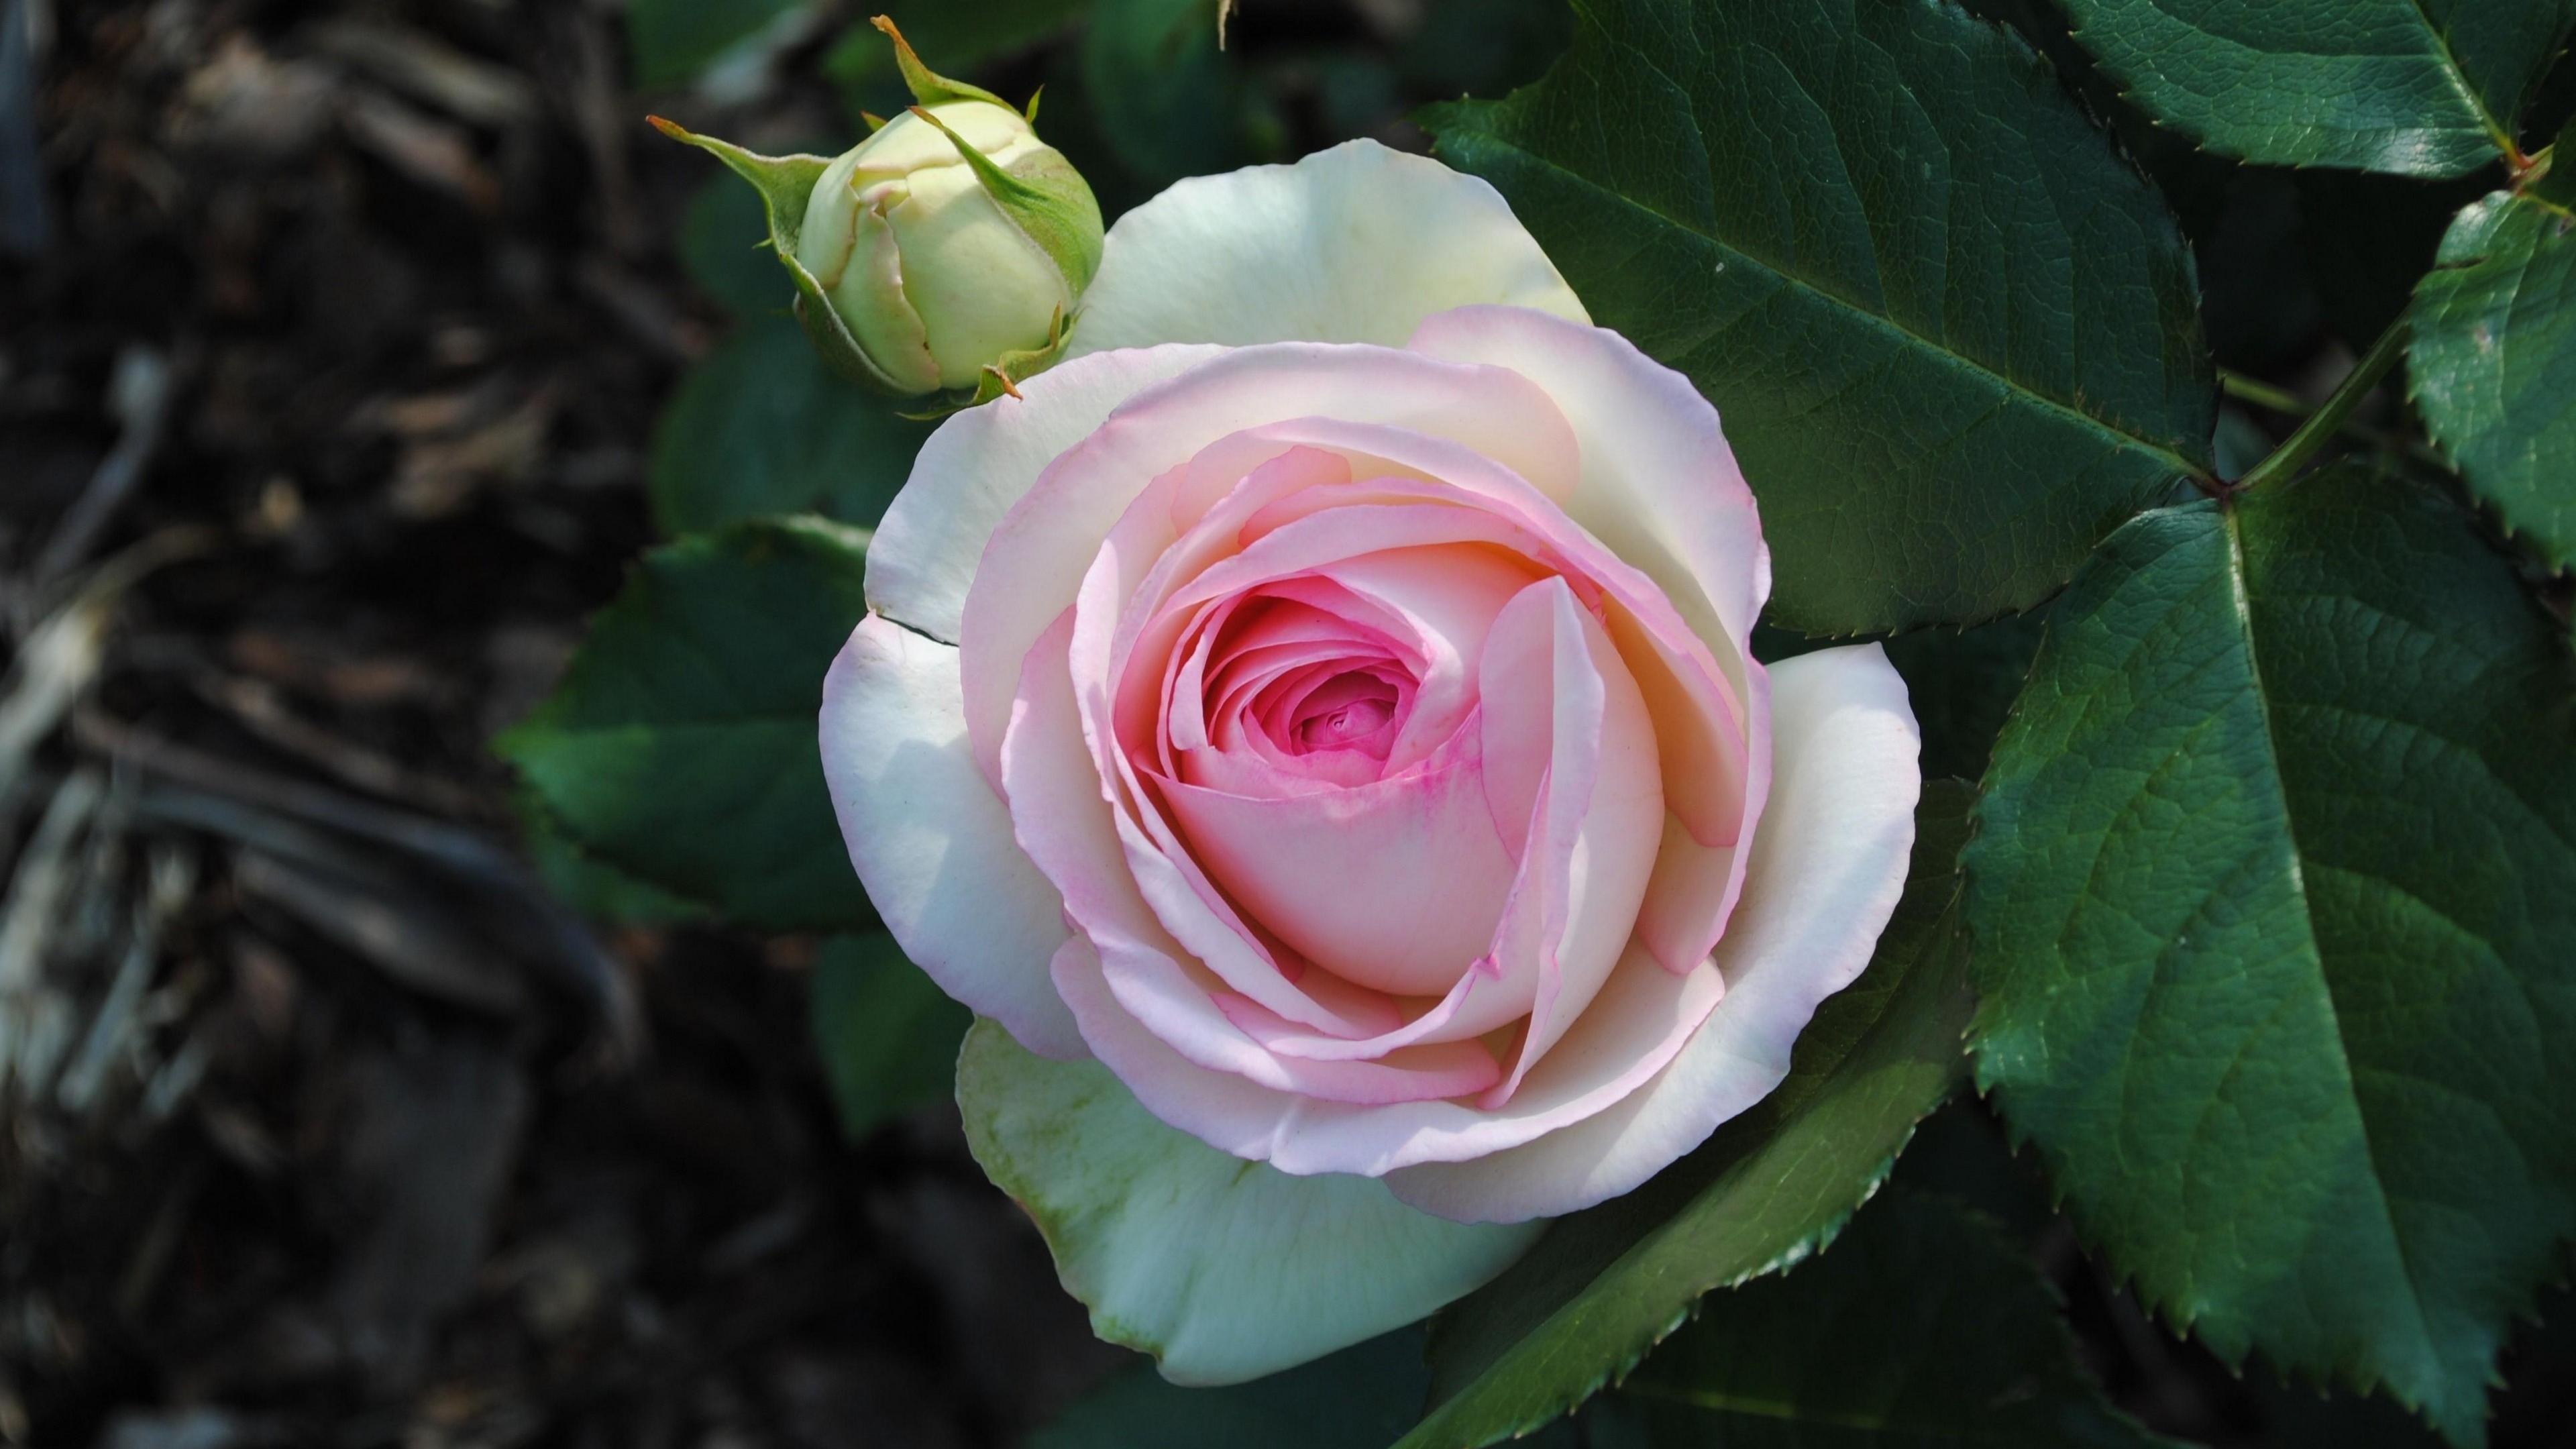 rose flower garden bud 4k 1540064177 - rose, flower, garden, bud 4k - Rose, Garden, flower